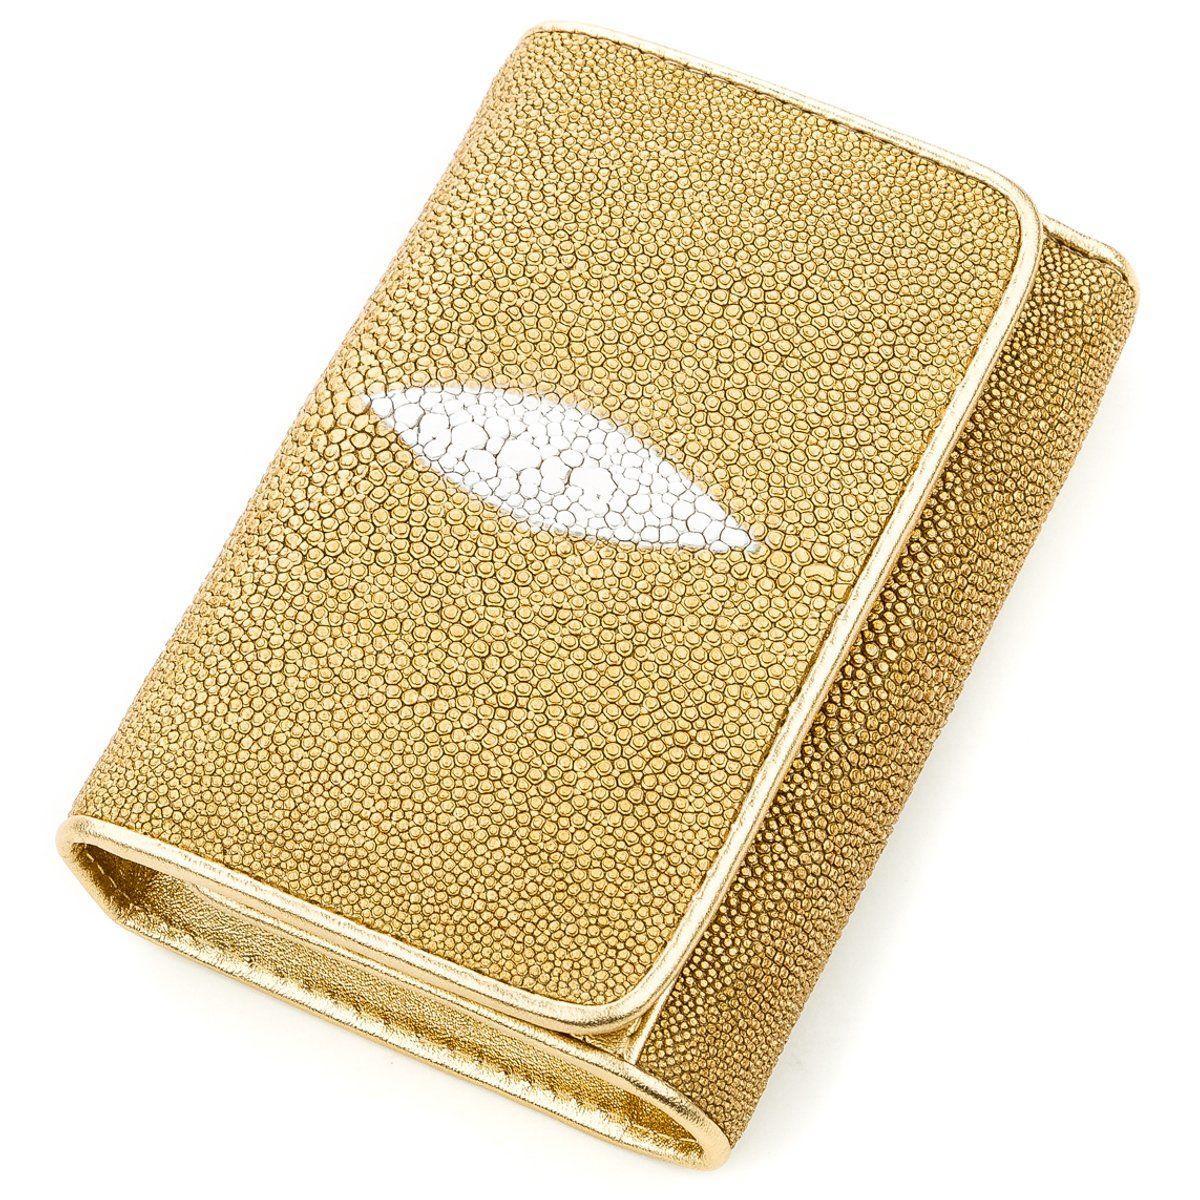 Вертикальний жіночий гаманець STINGRAY LEATHER 18639 з натуральної шкіри морського скату Золотистий